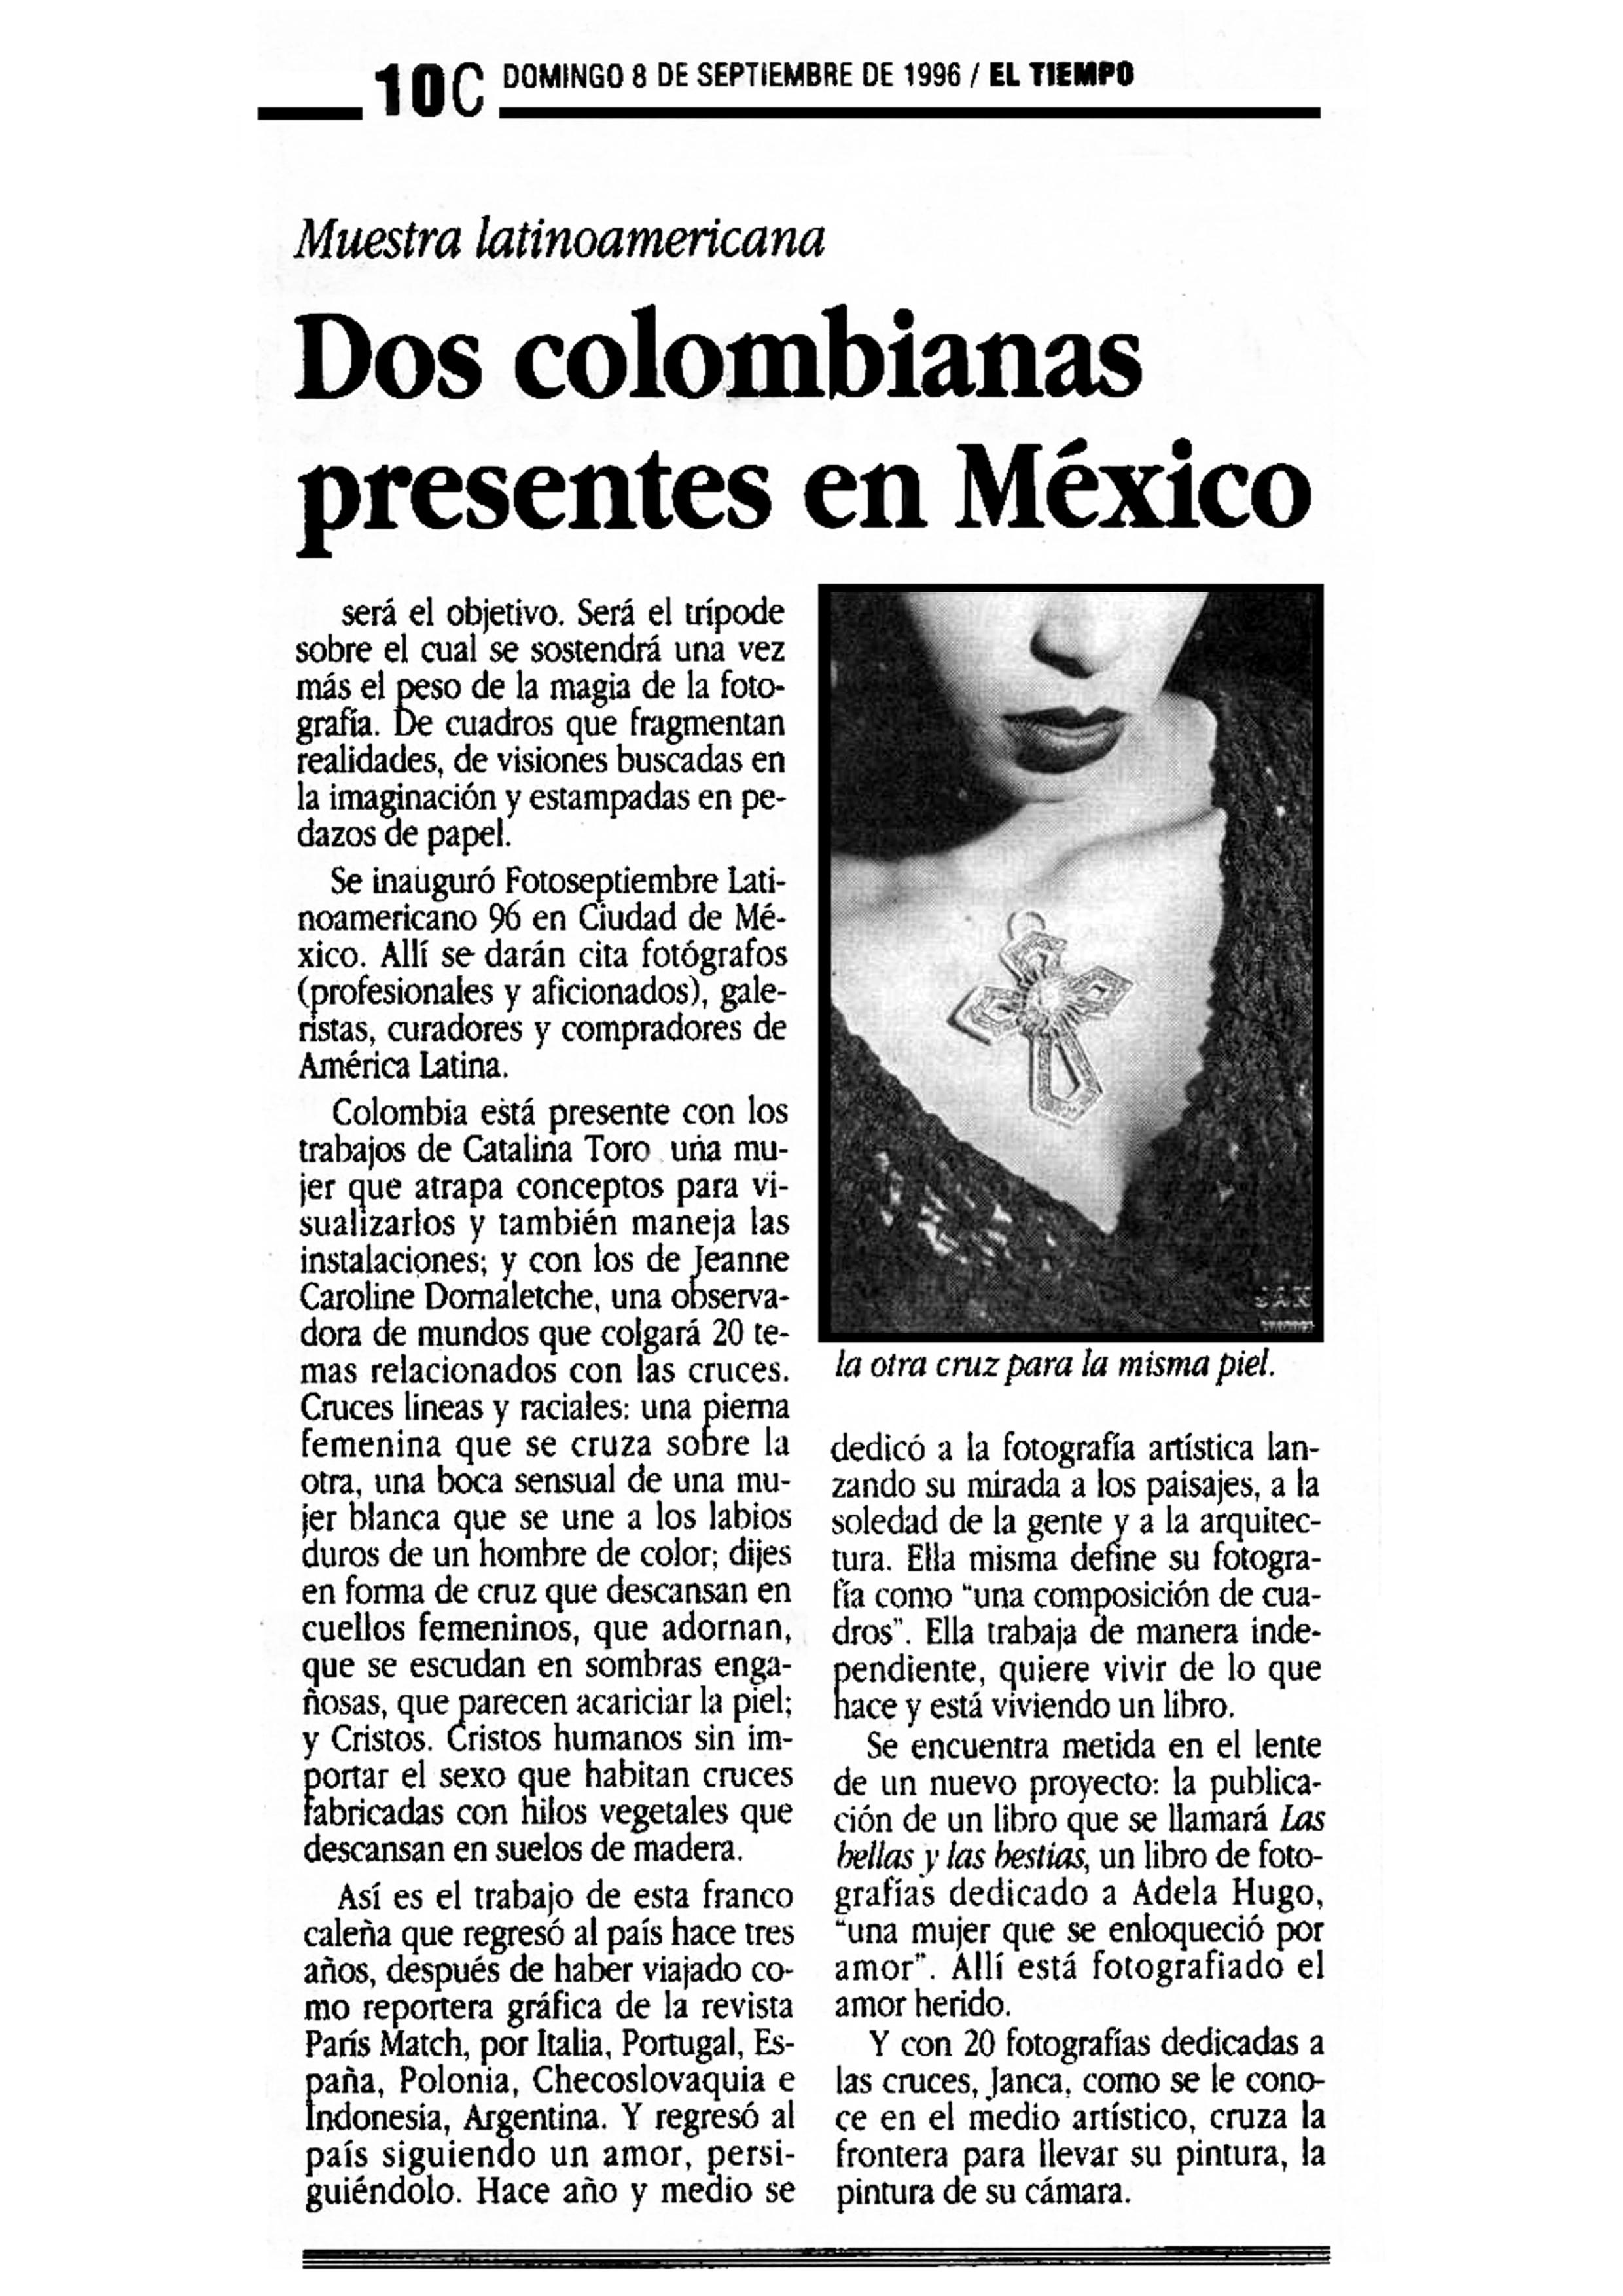 1996 - BGTA - EL TIEMPO.jpg